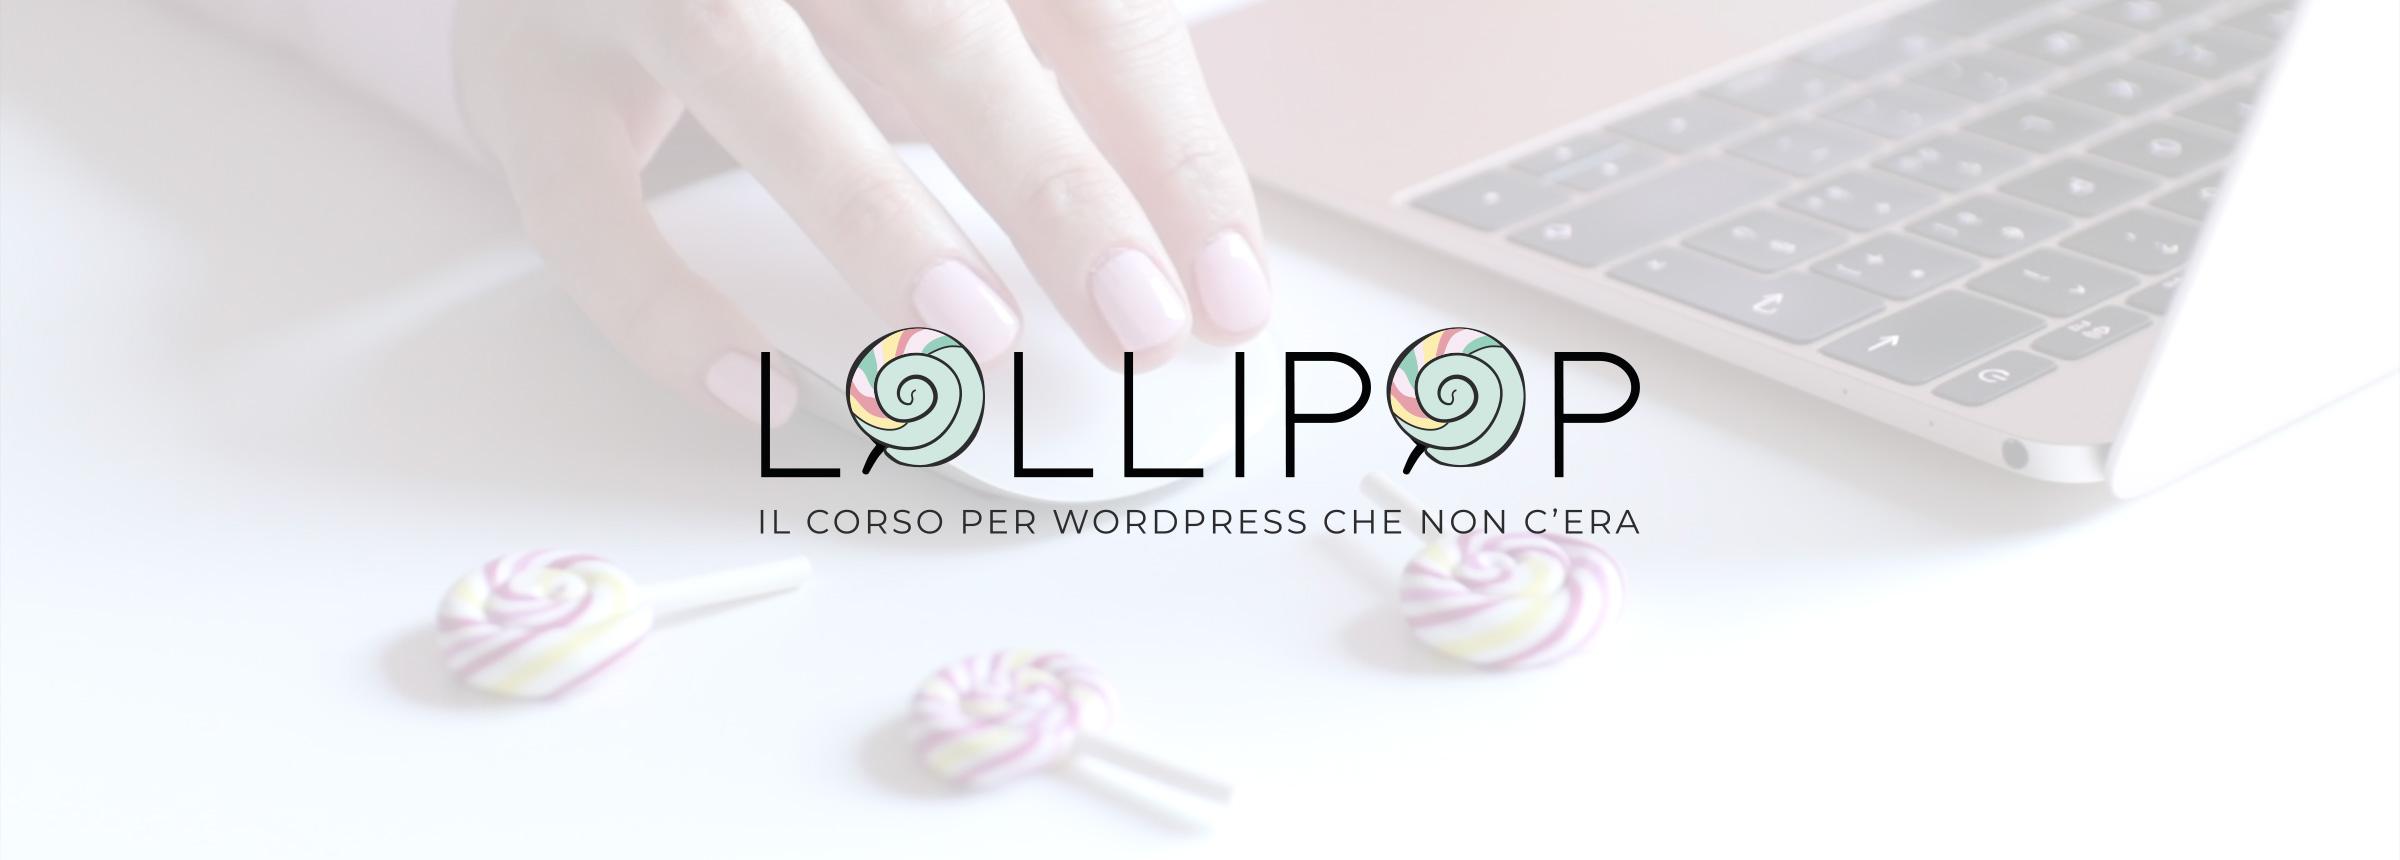 Lollipop corso per imparare a creare siti WordPress